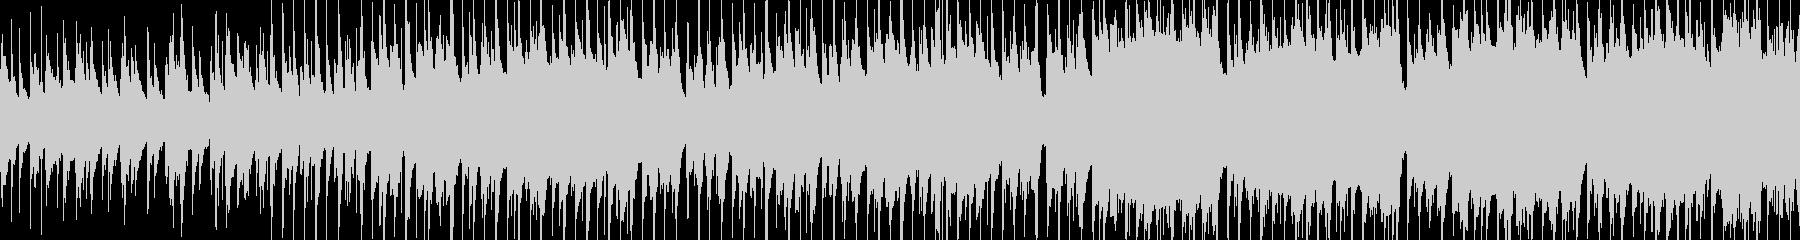 アコギと木管楽器の優しいBGMの未再生の波形